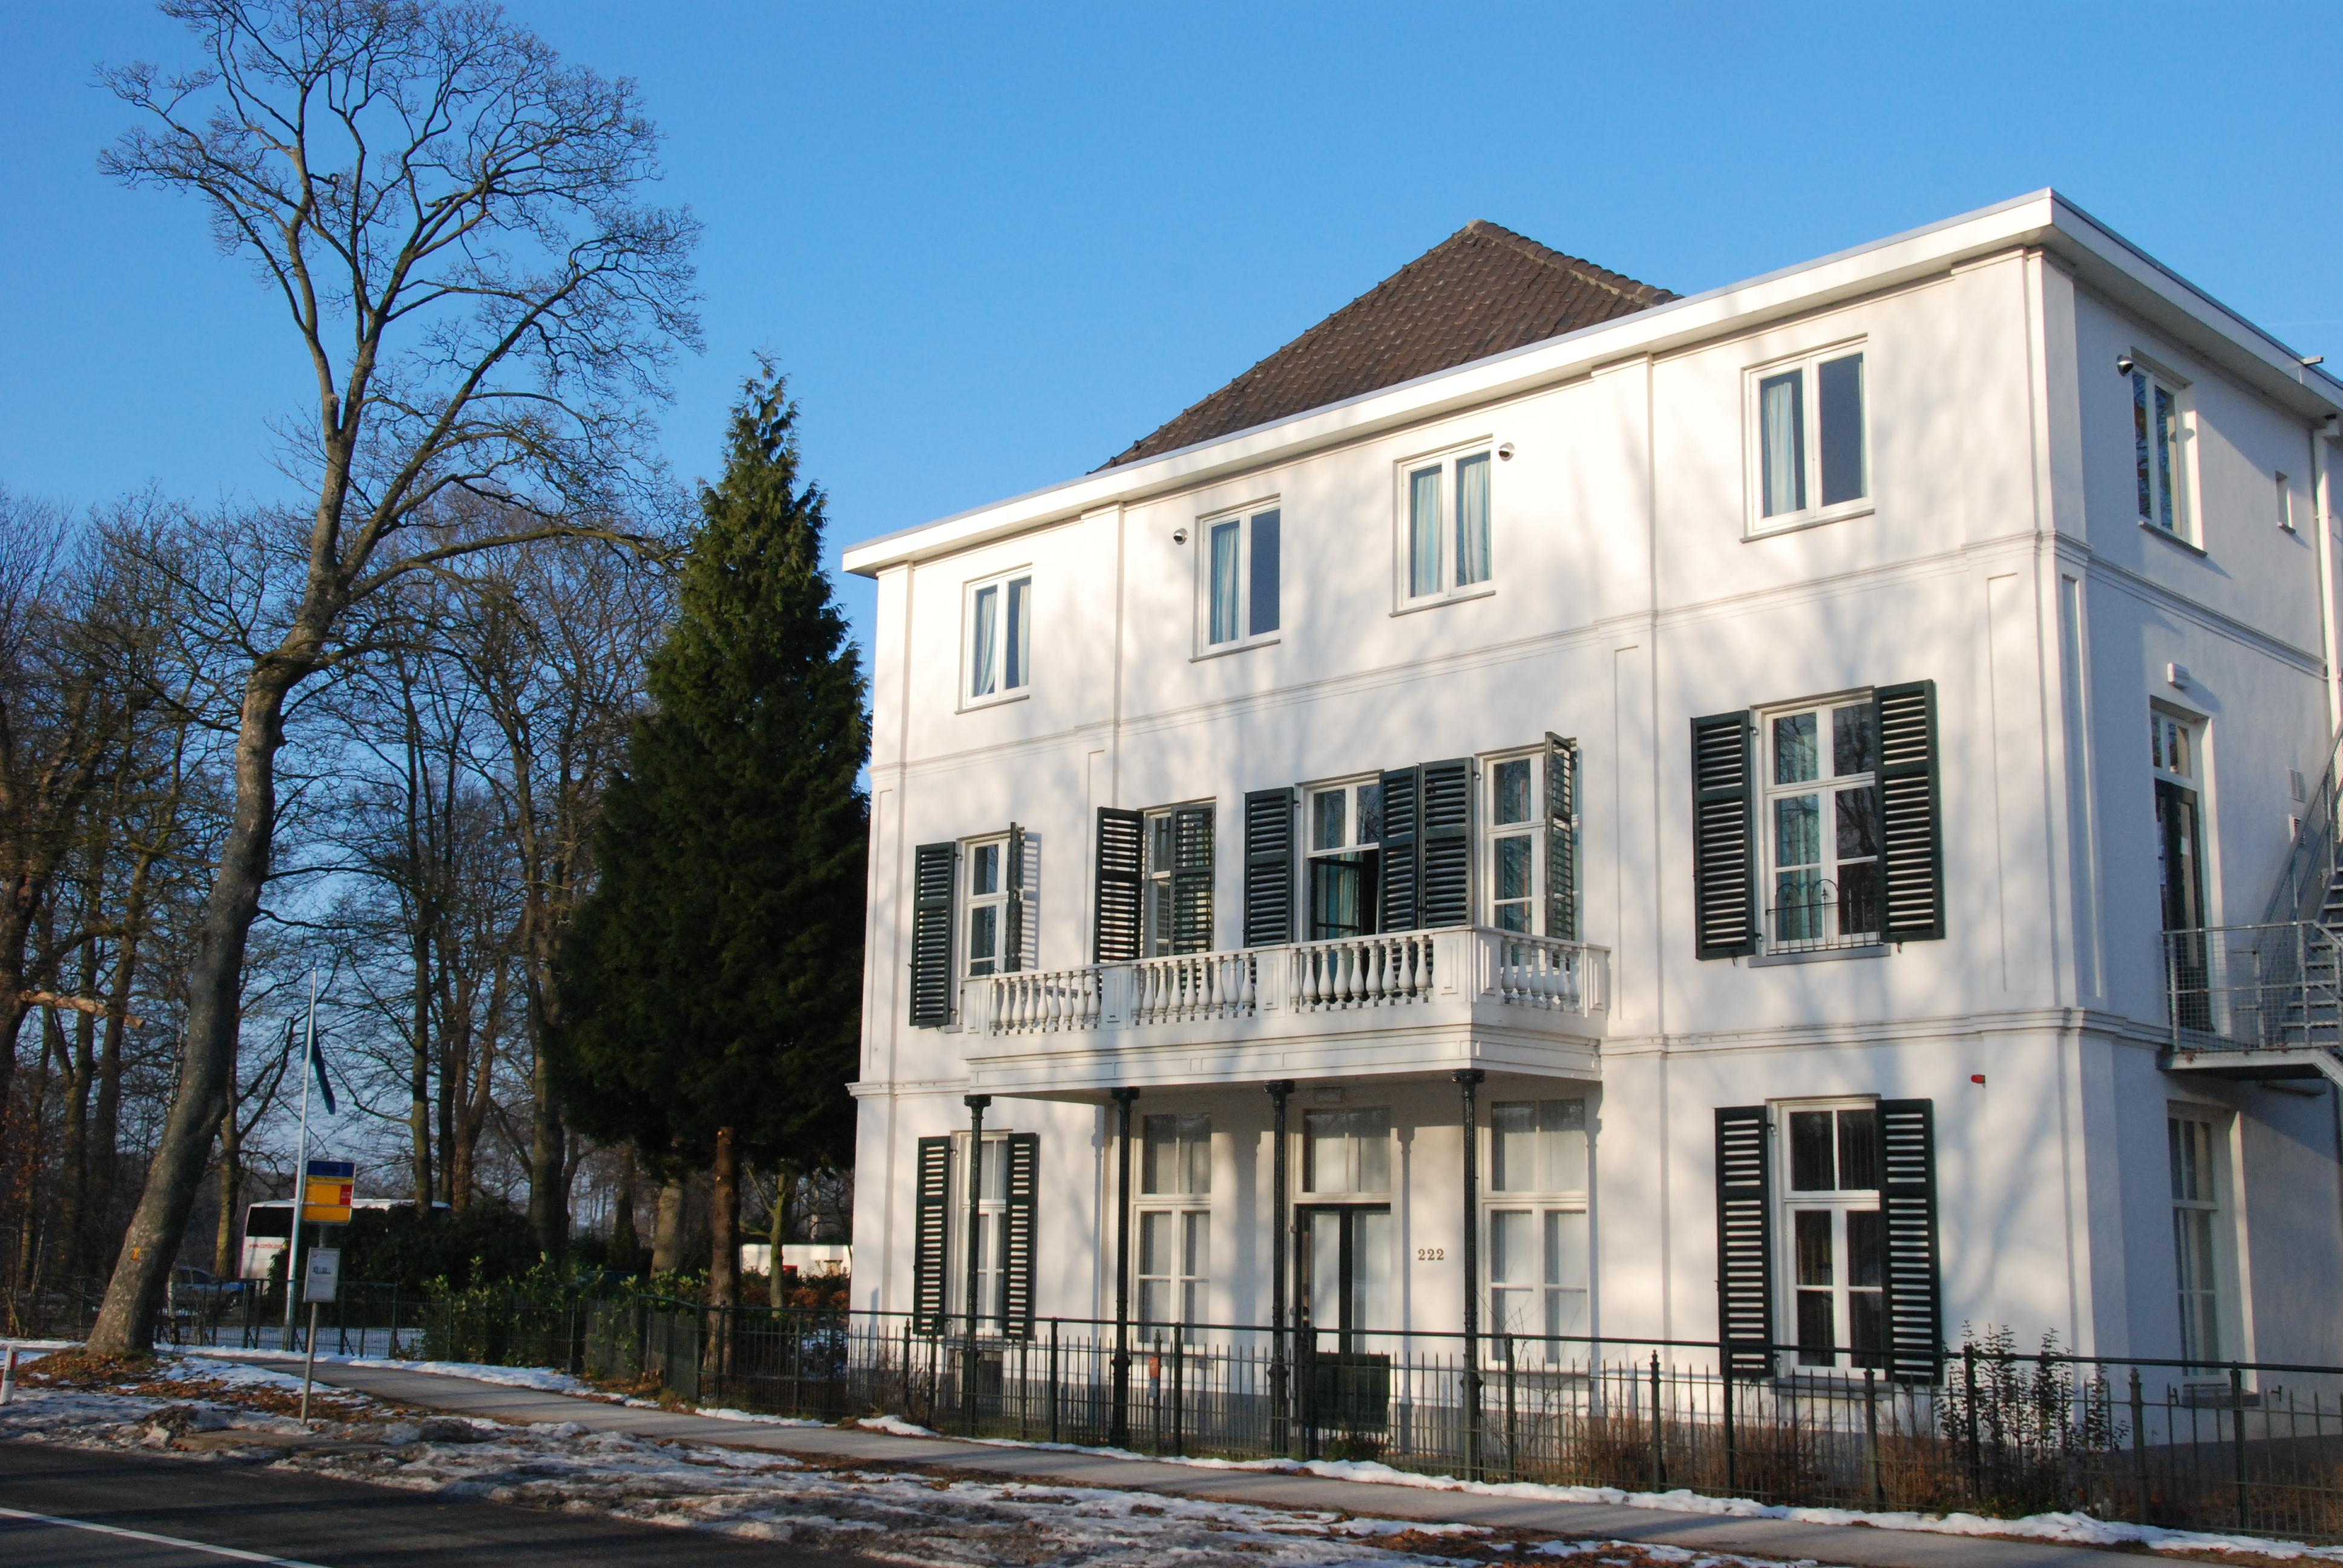 Filevilla Klein Warnsborn At Hoge Erf Schaarsbergen Panoramiojpg